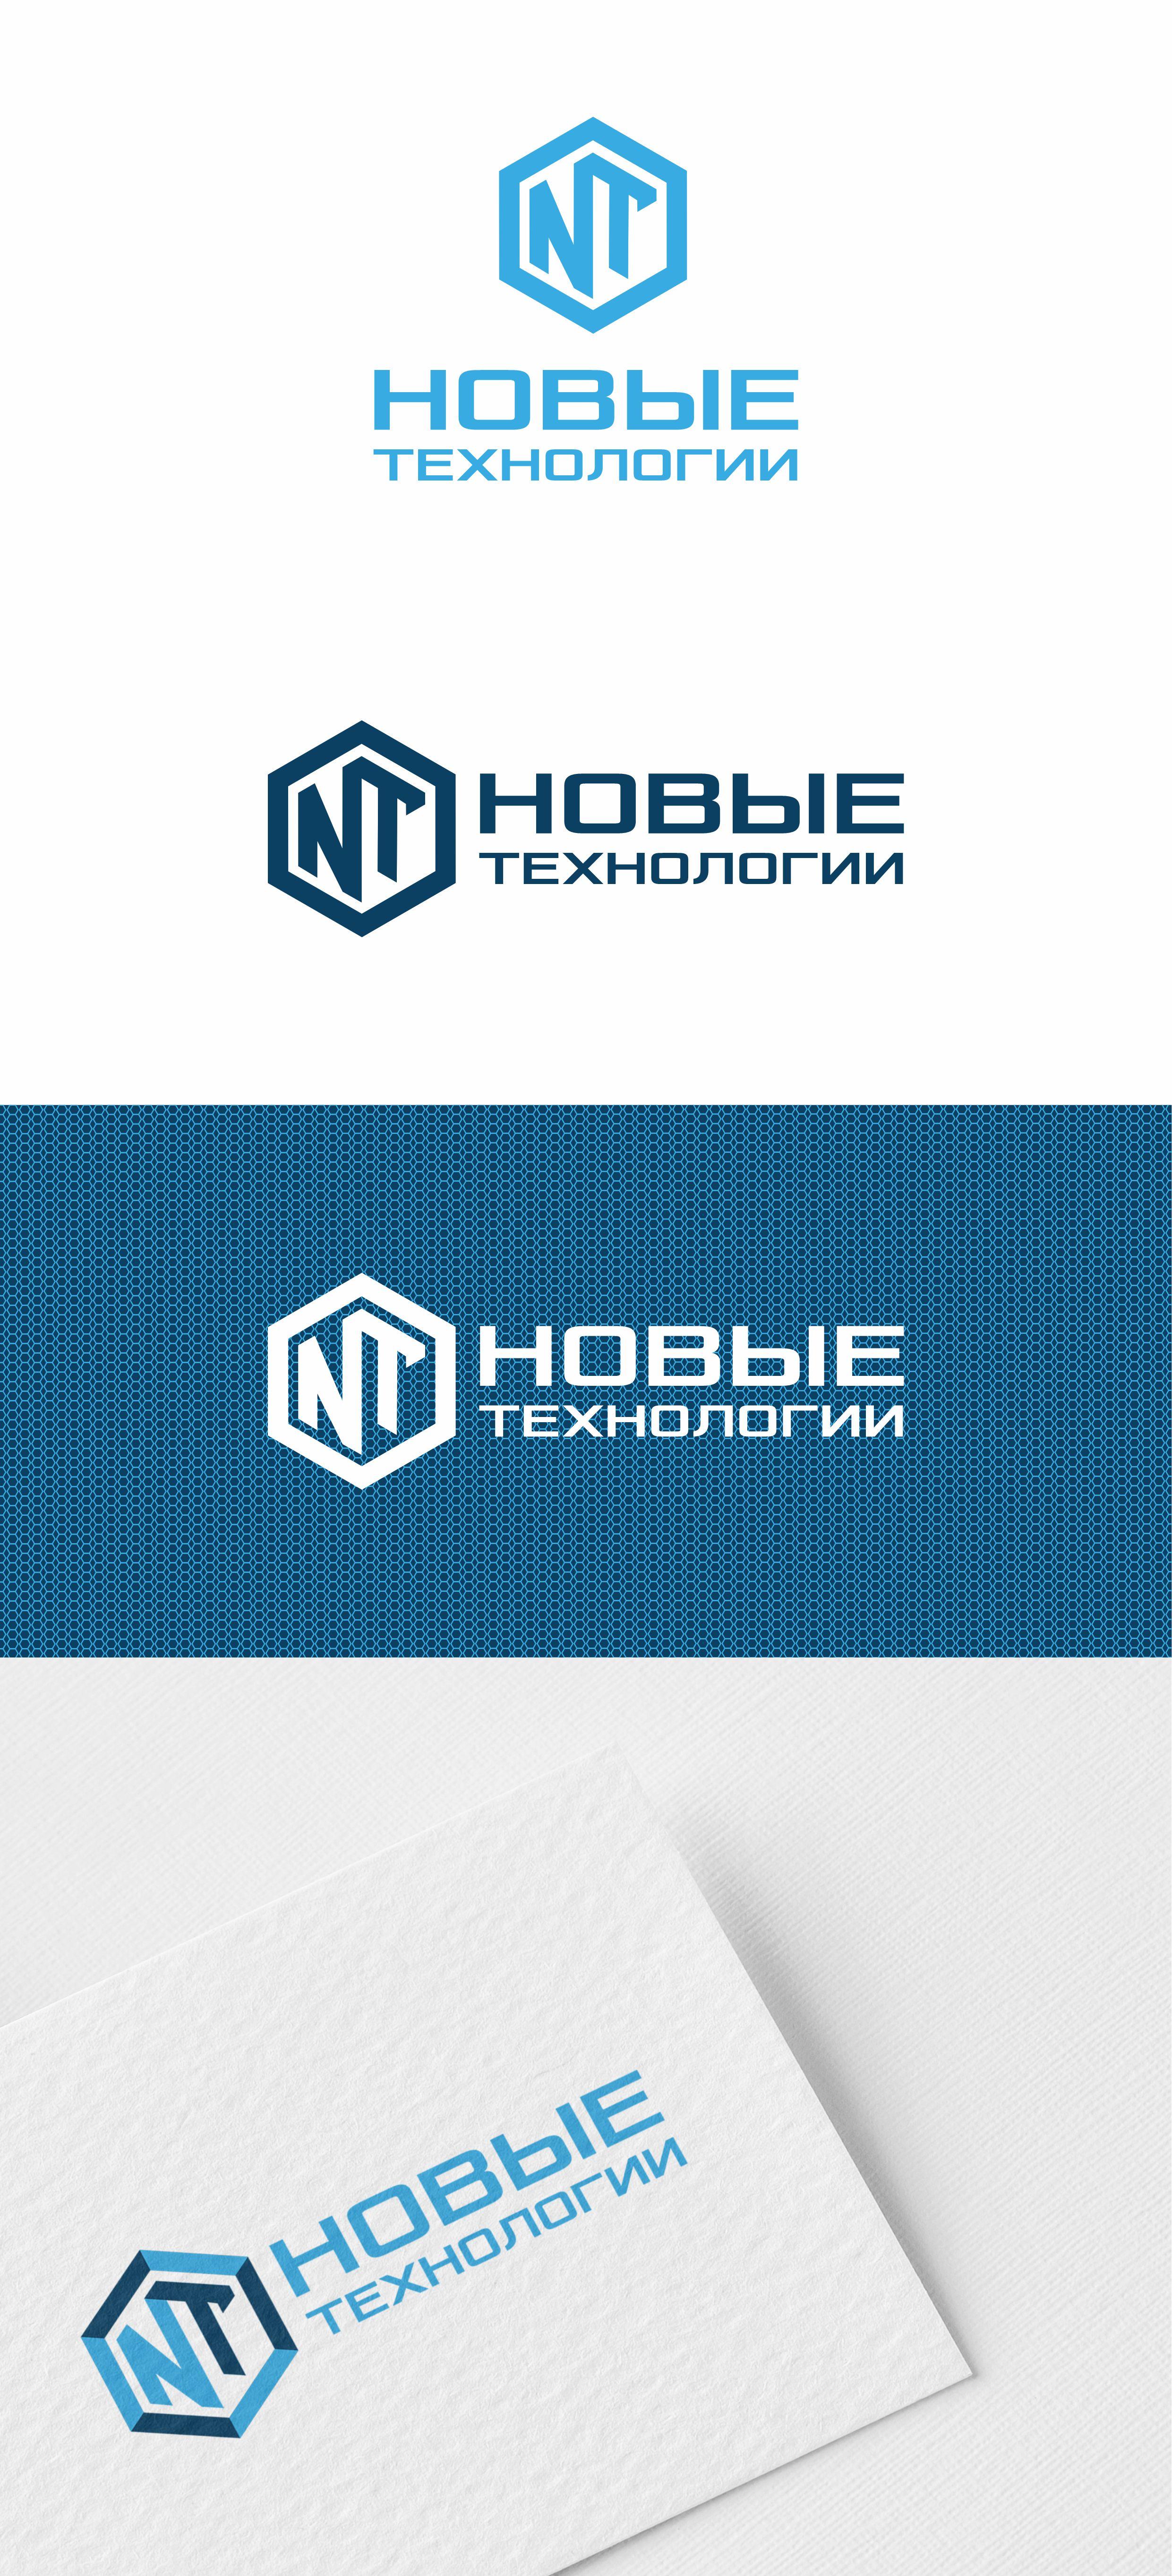 Разработка логотипа и фирменного стиля фото f_2955e89ca02d3226.jpg